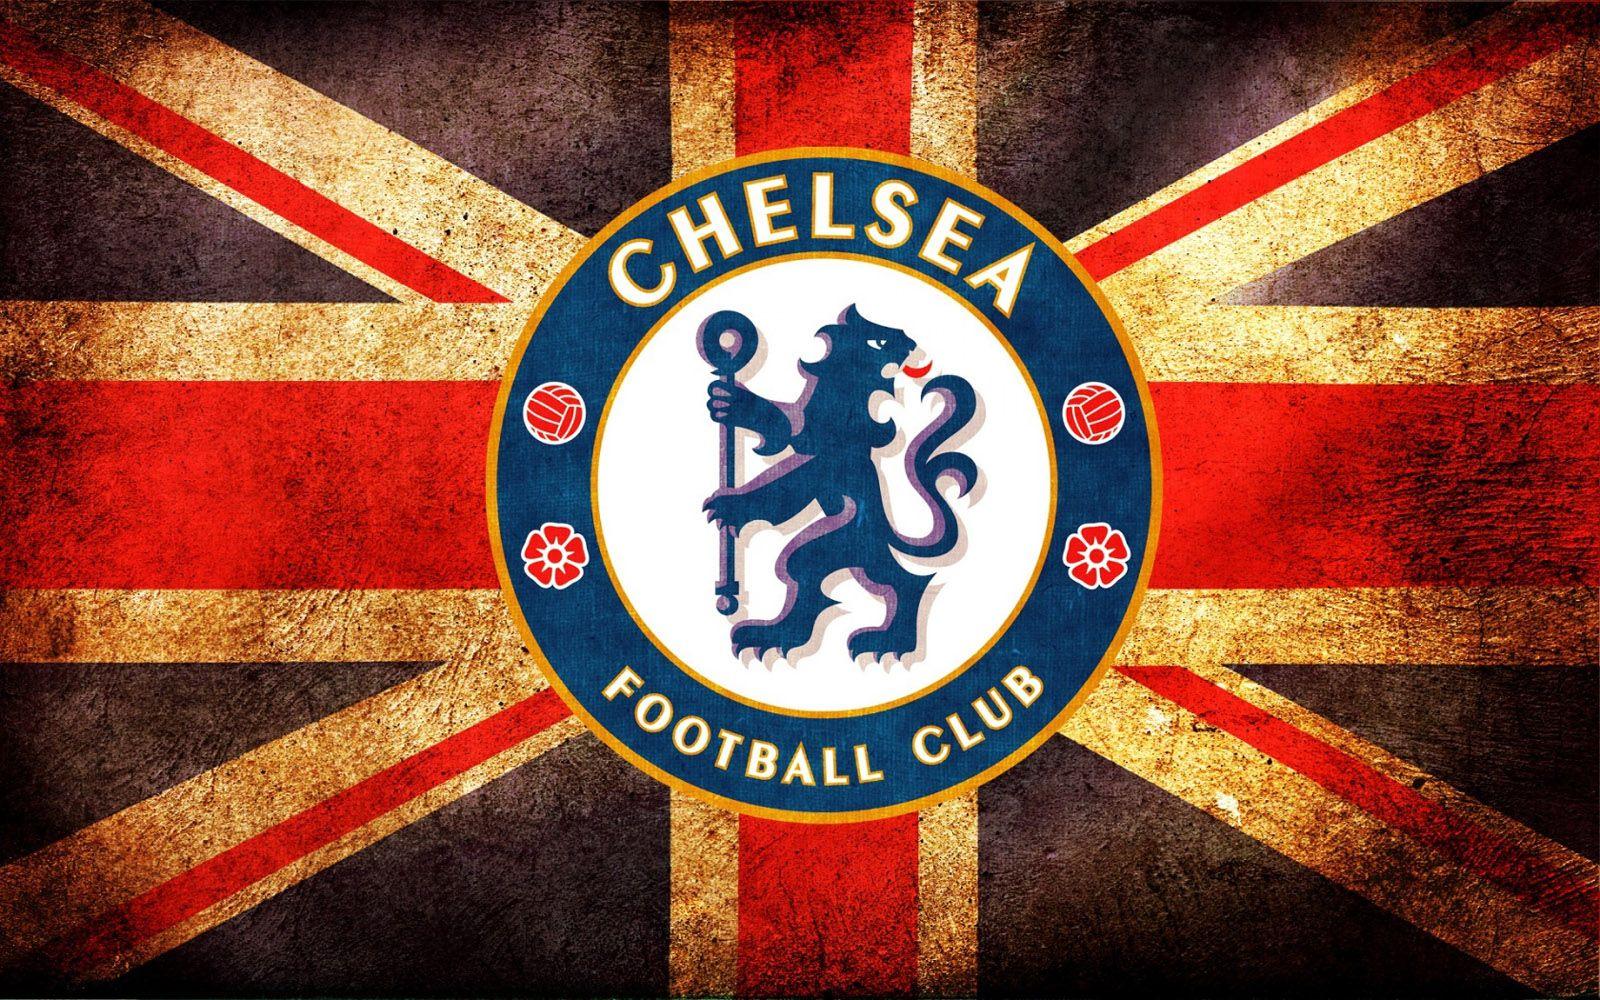 Chelsea fc logo free large images msta kam se chci podvat chelsea fc logo free large images voltagebd Images